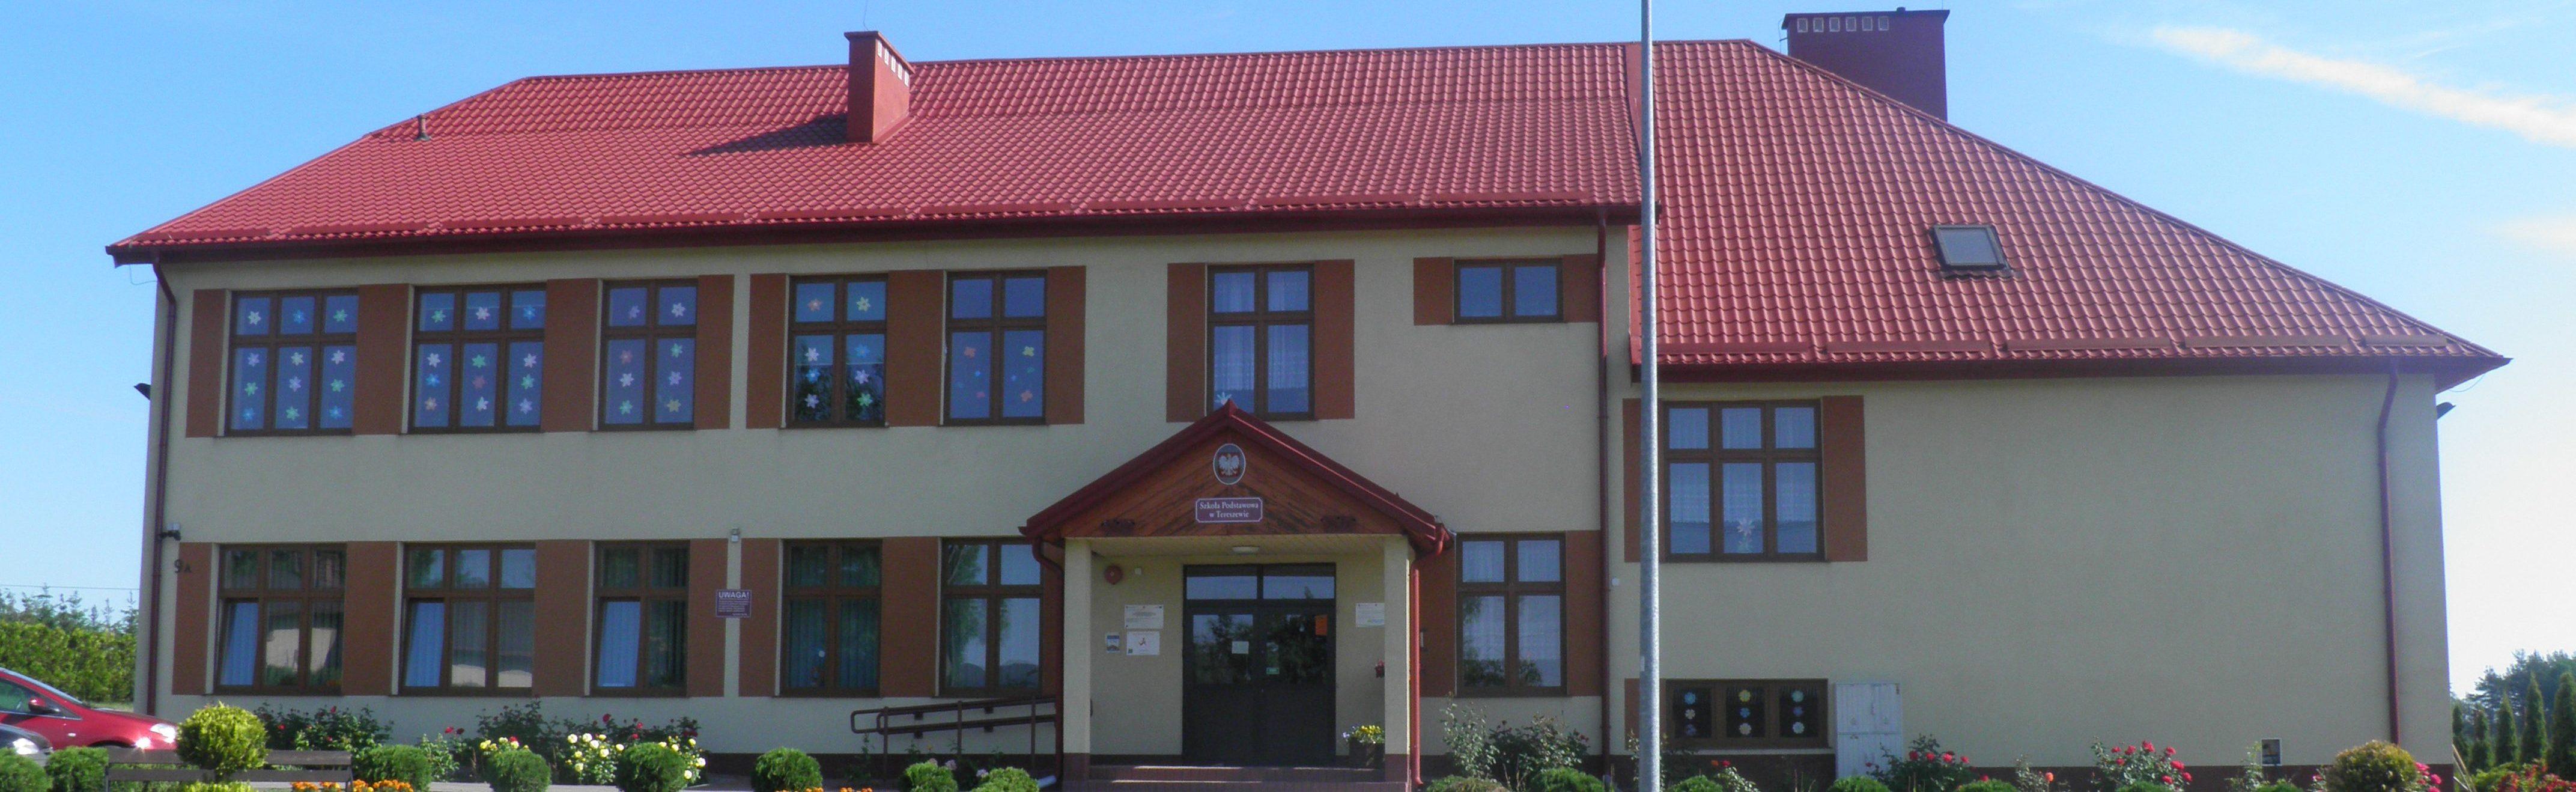 Szkoła Podstawowa im. Kawalerów Orderu Uśmiechu w Tereszewie